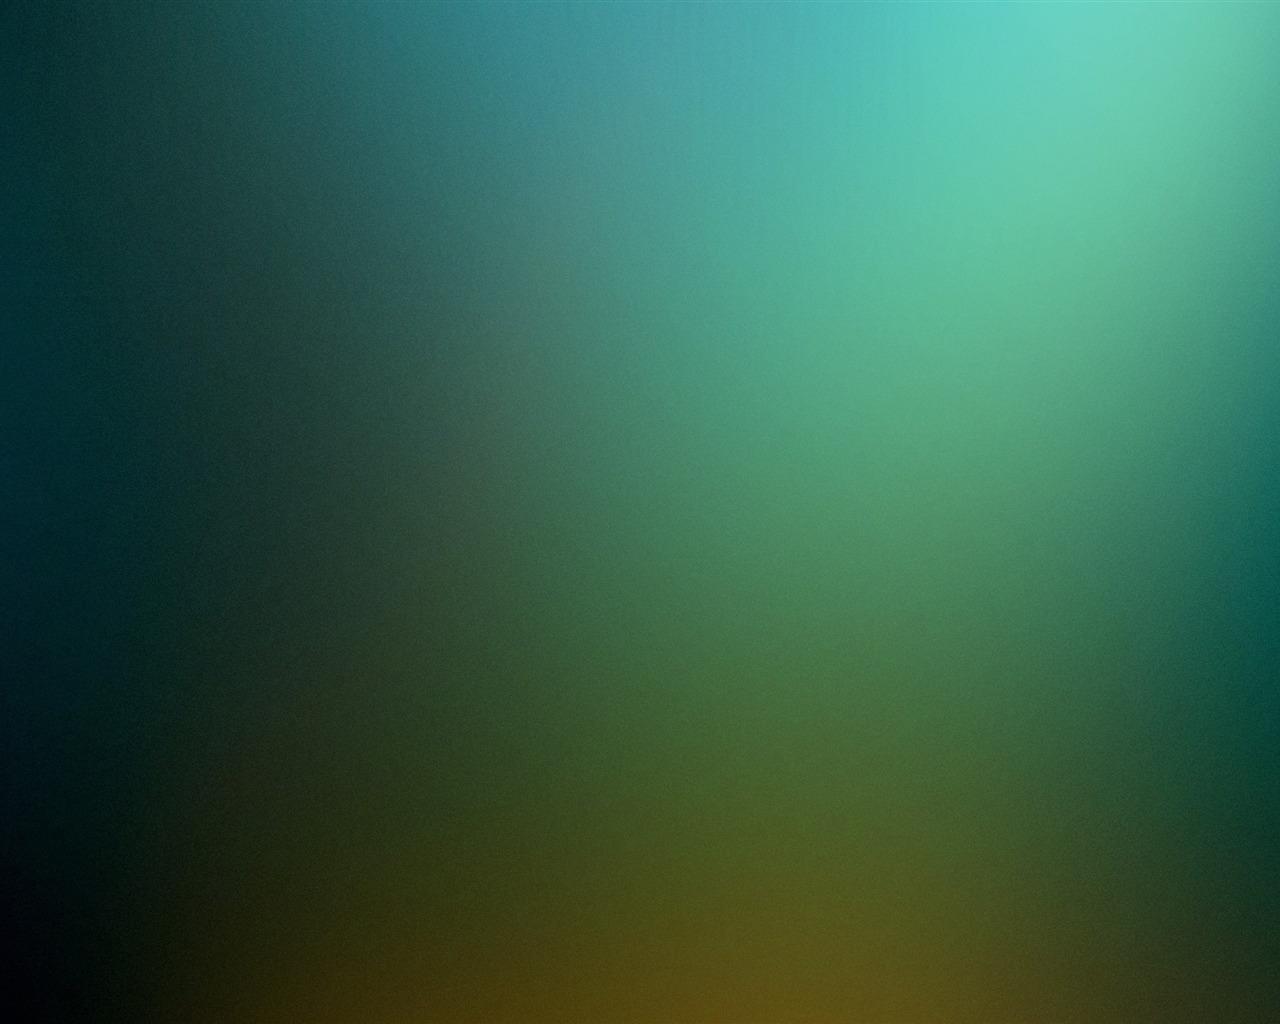 描述: 绿色背景斑点-设计主题高清壁纸 当前壁纸尺寸: 1280 x 1024图片